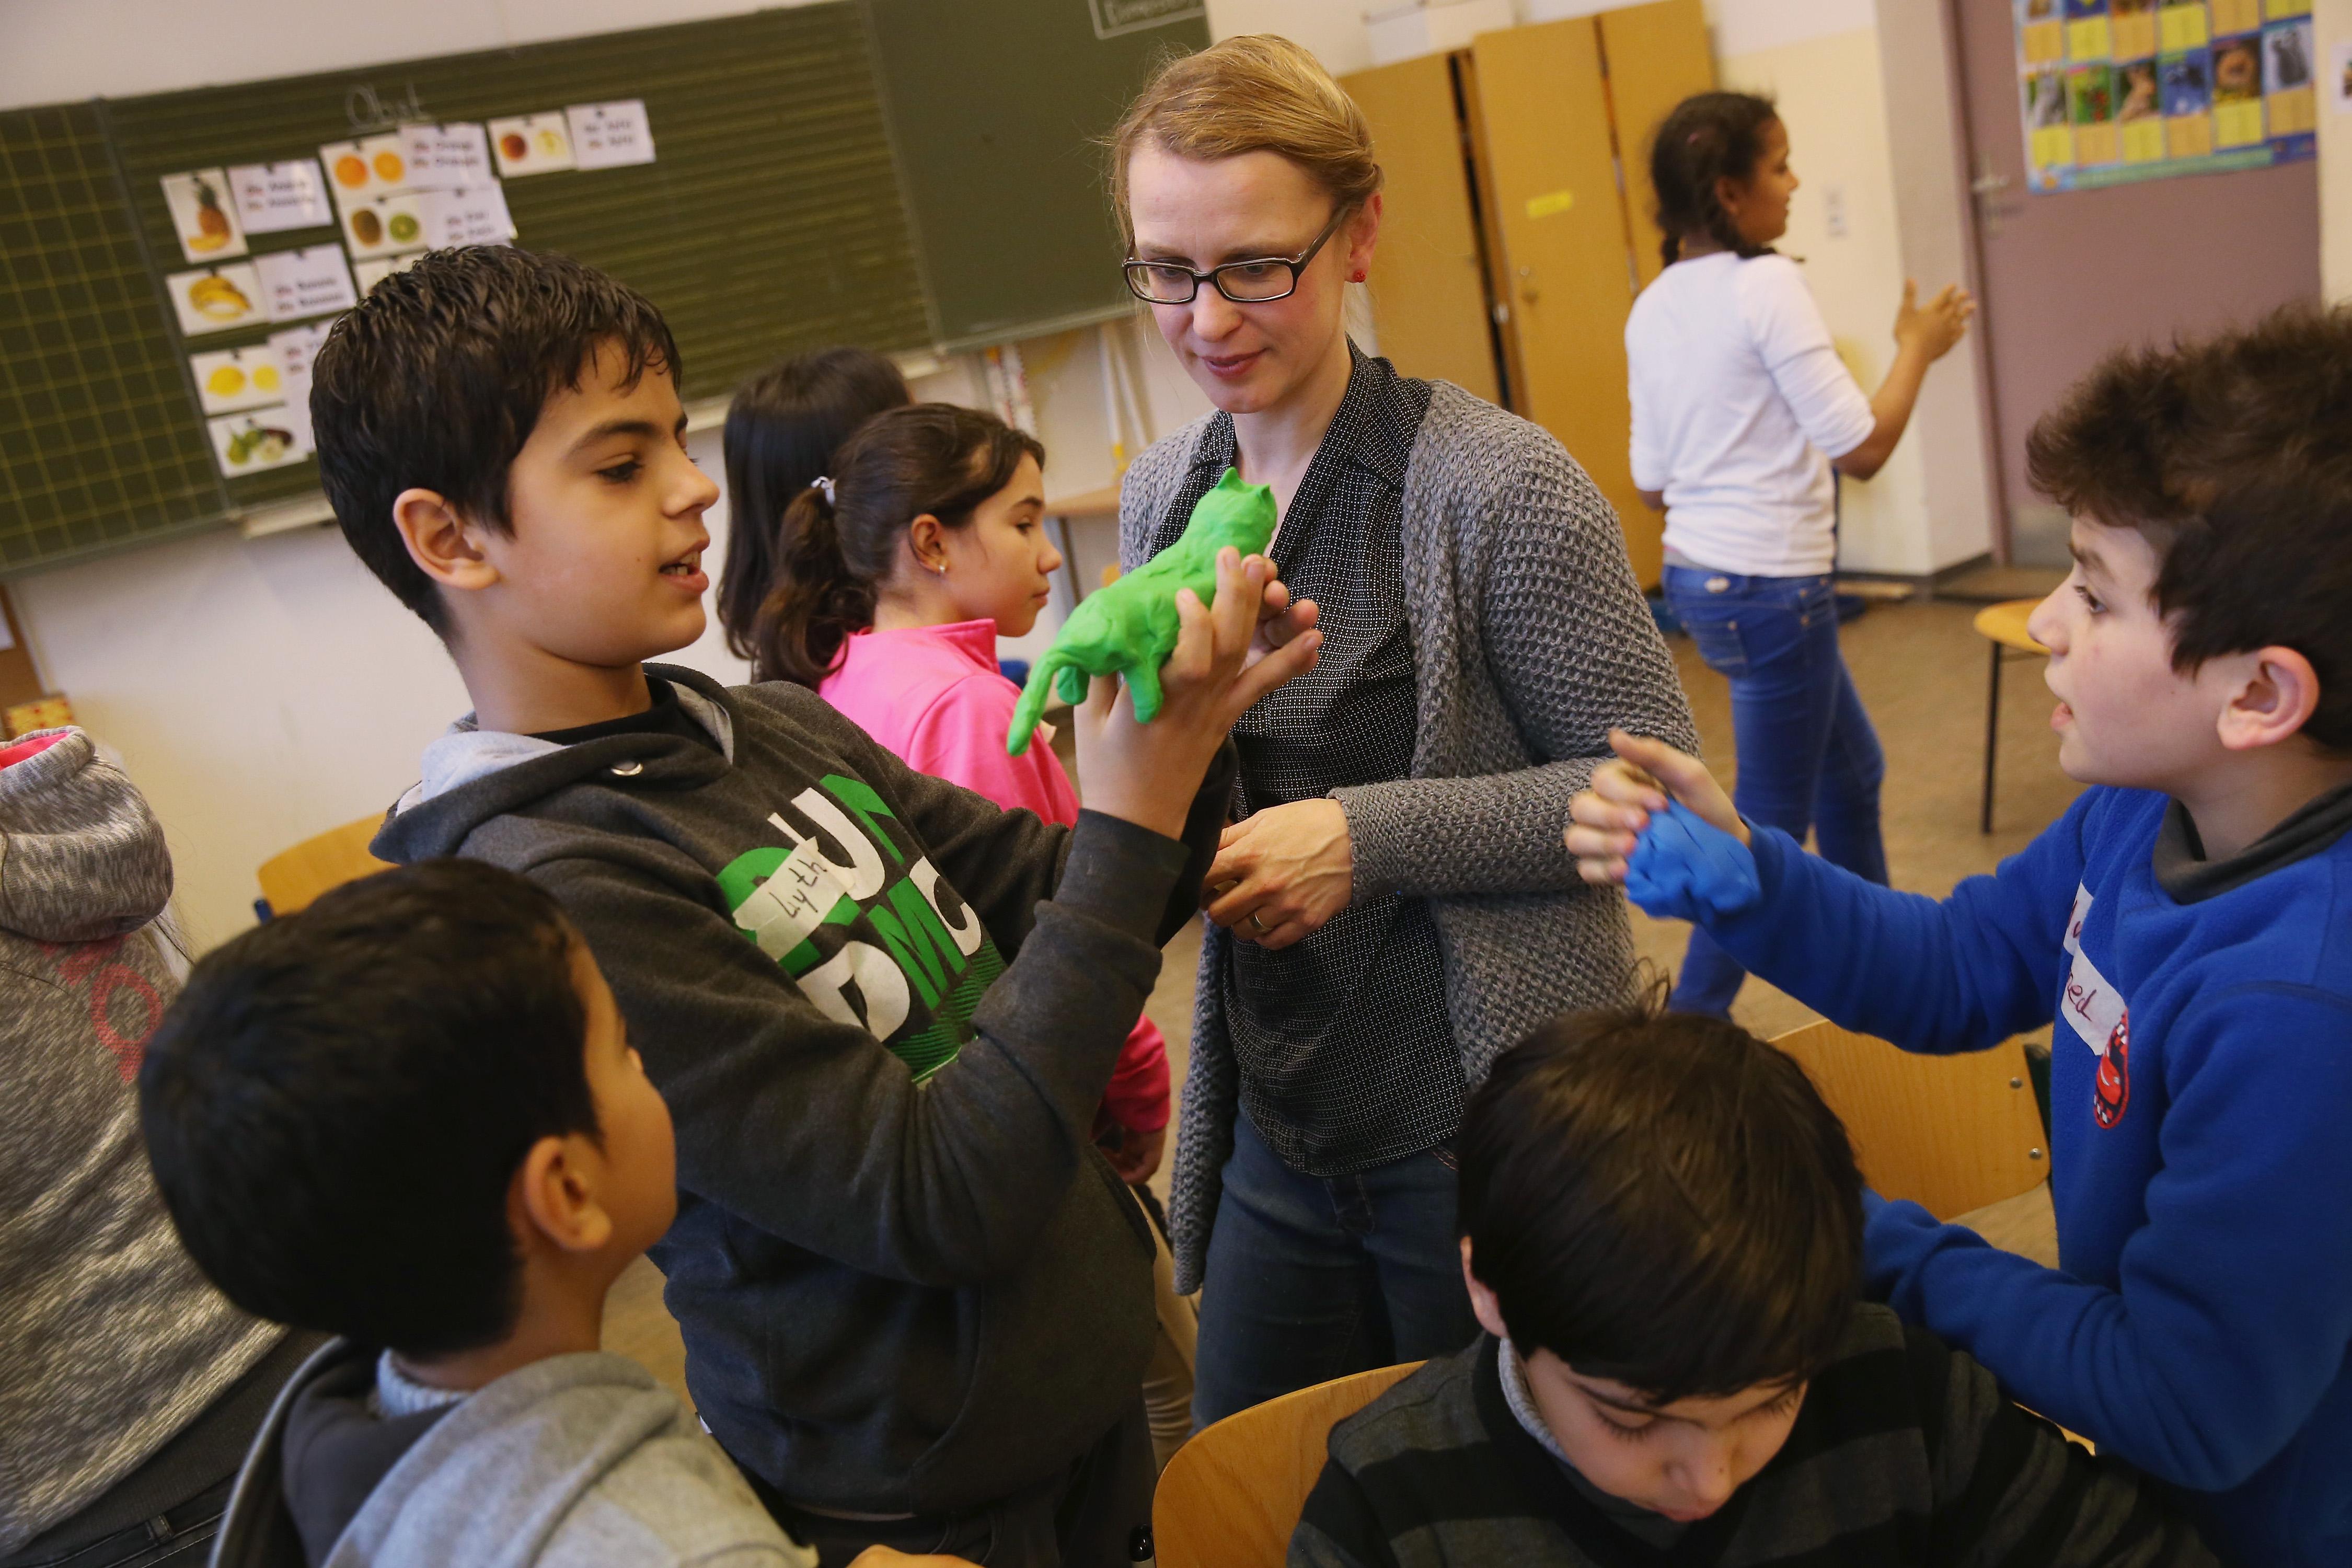 Frauke Petry: Merkels Migranten-Misere an Problemschulen – Kanzlerin blendet Realität aus